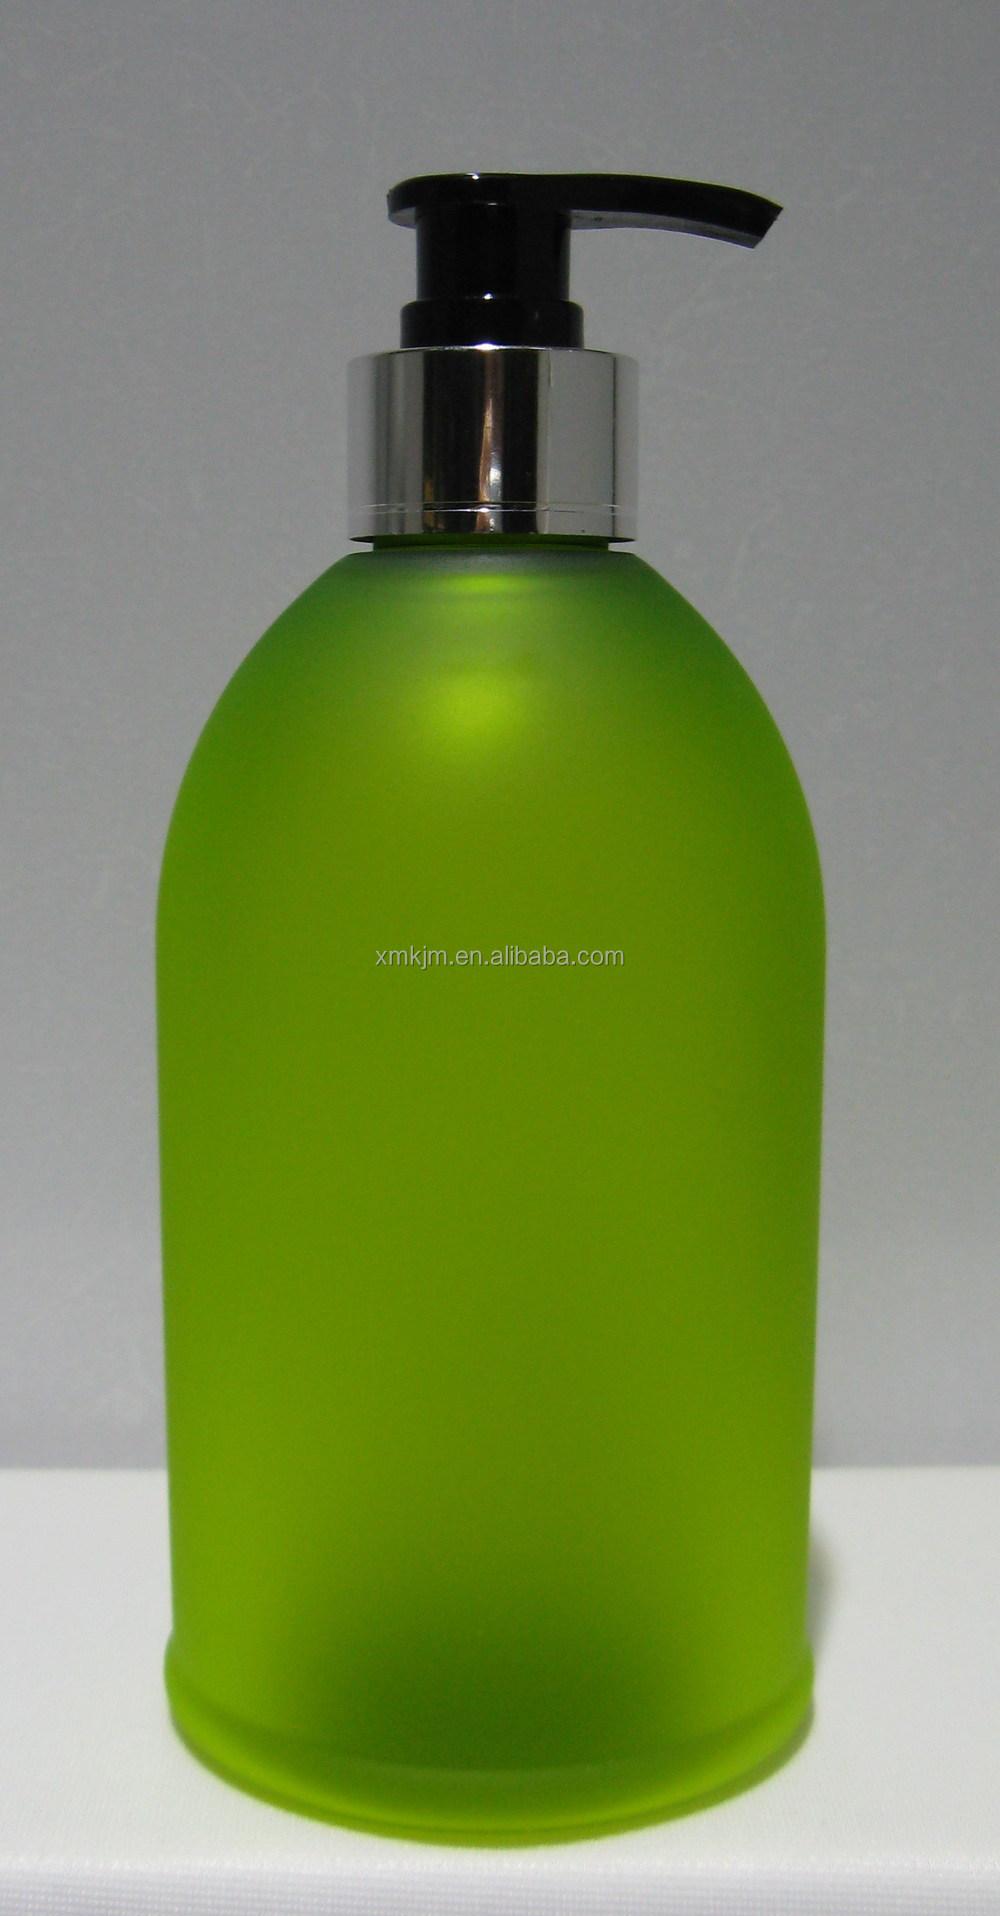 200ml 300ml Plastic Hair Oil Bottle Buy Plastic Bottles